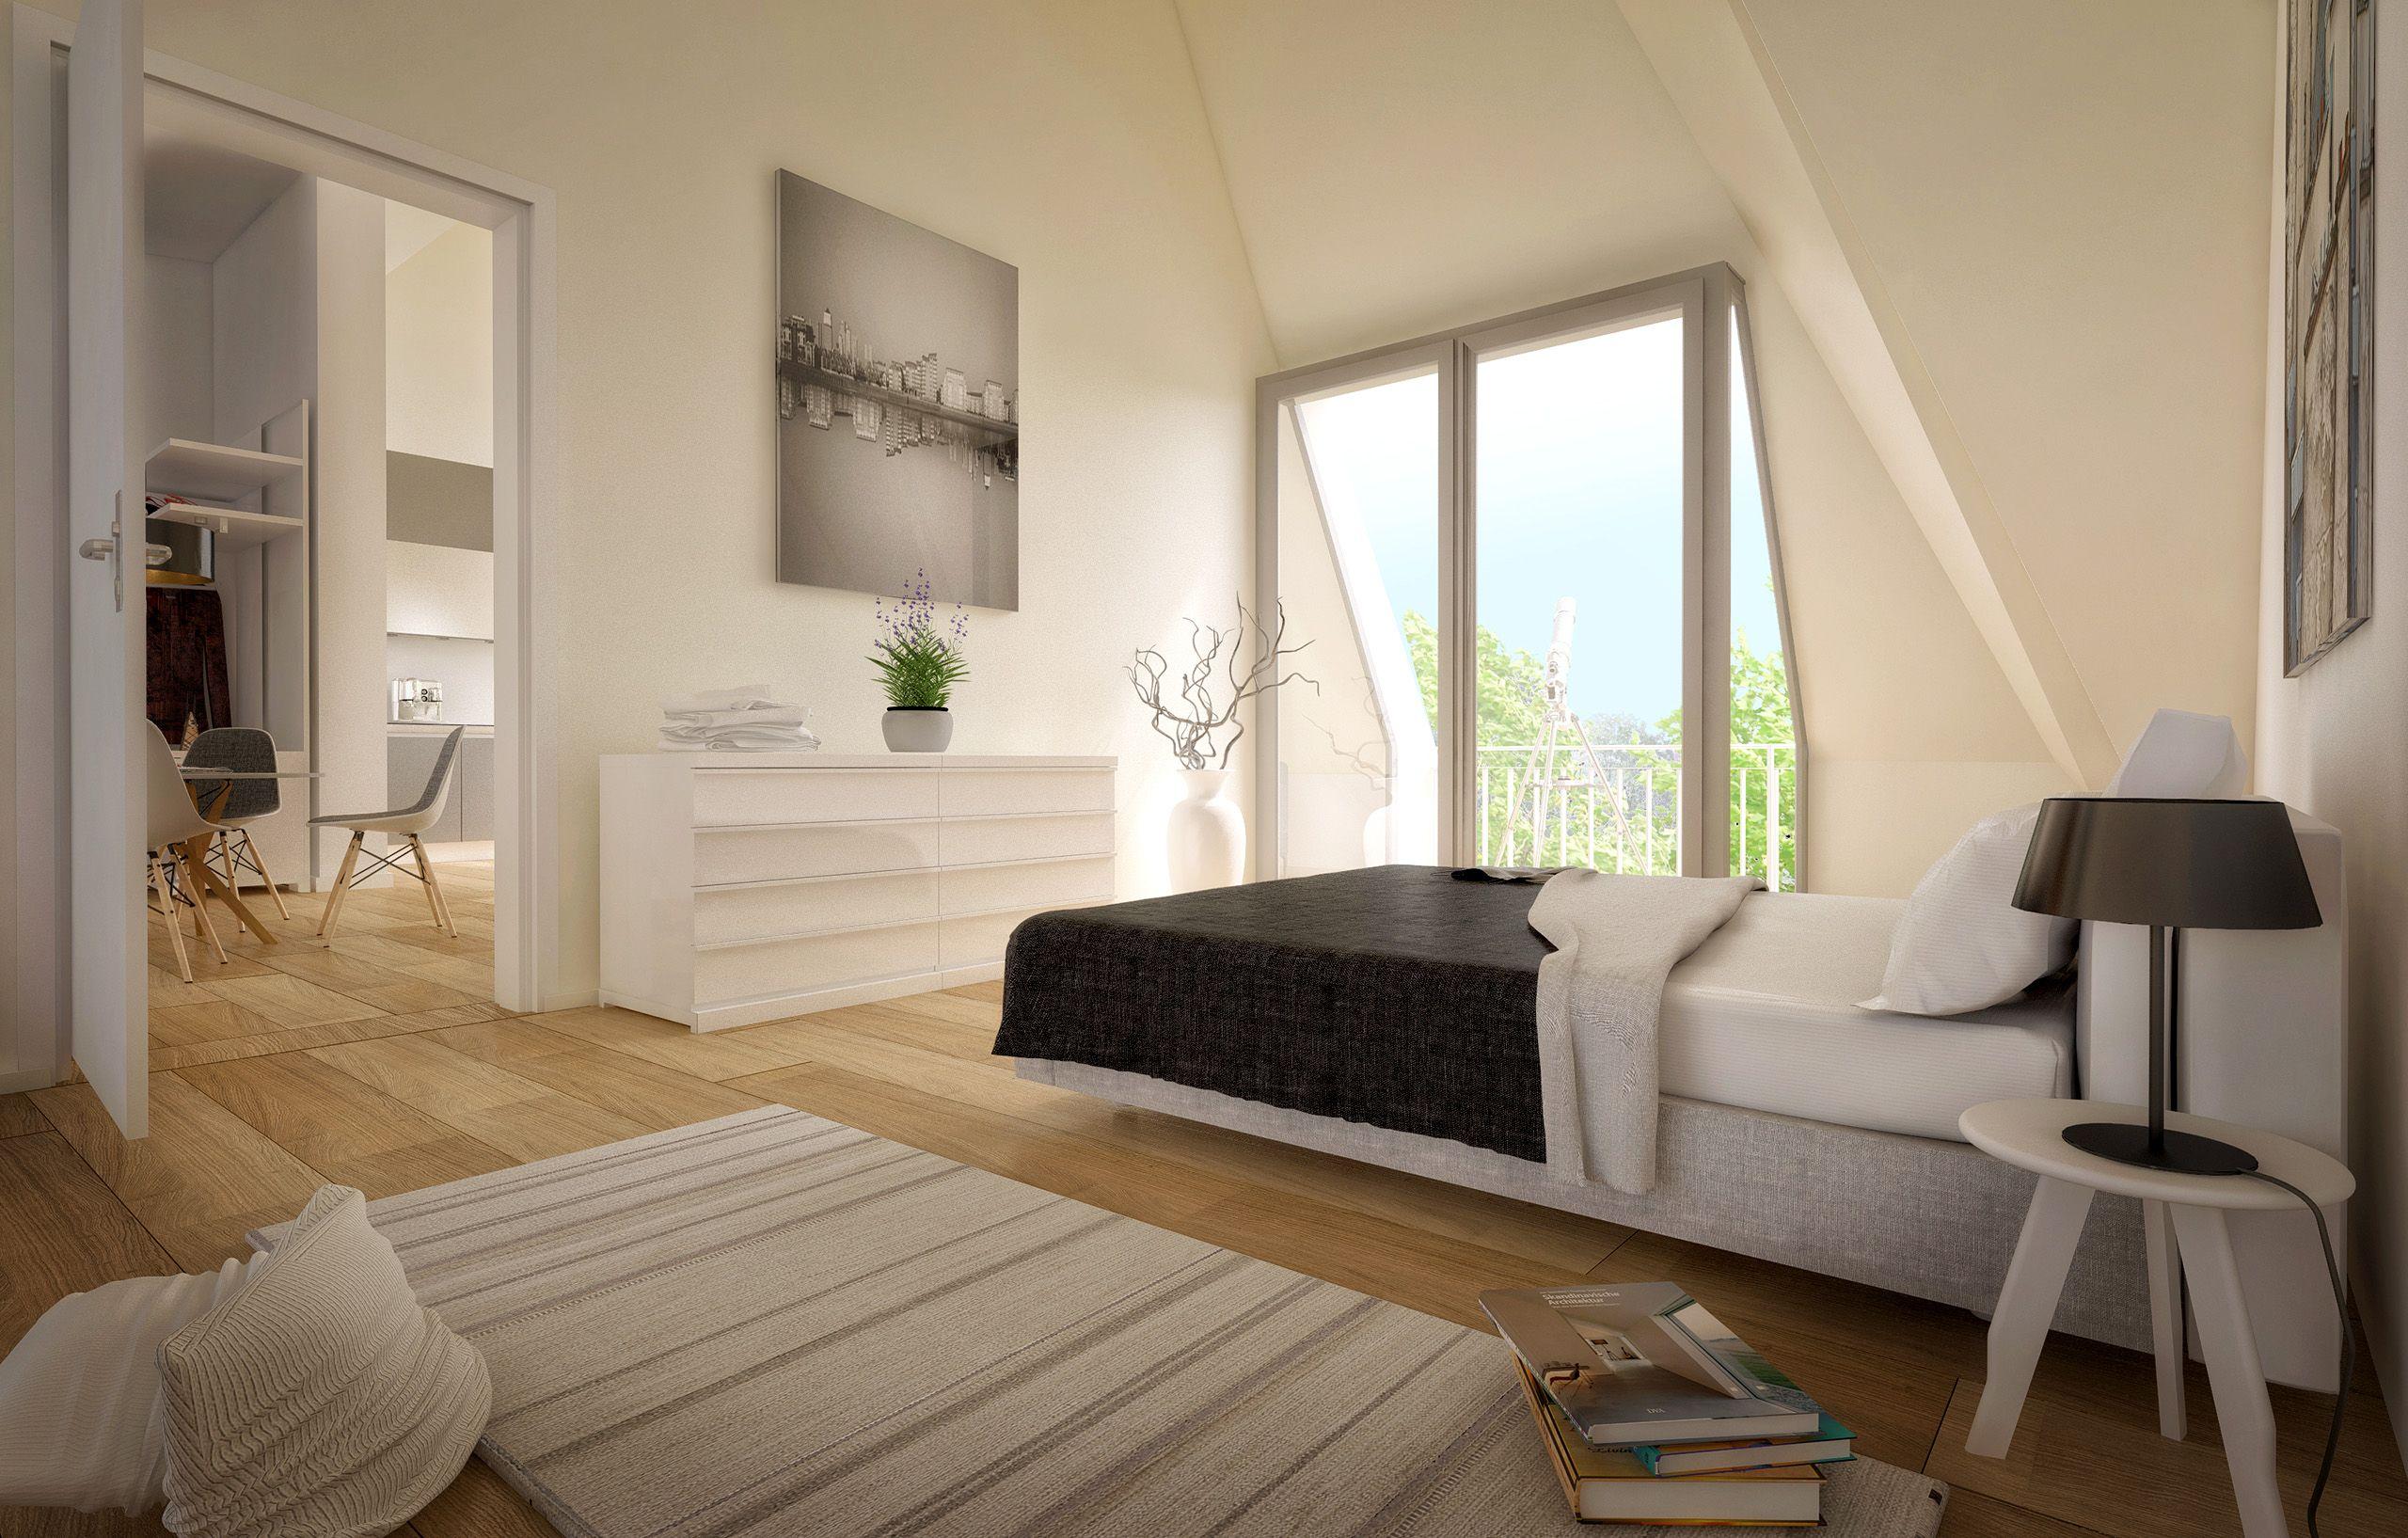 Architekturvisualisierung Berlin interior berlin bedroom friedrichshain danizgerstraße